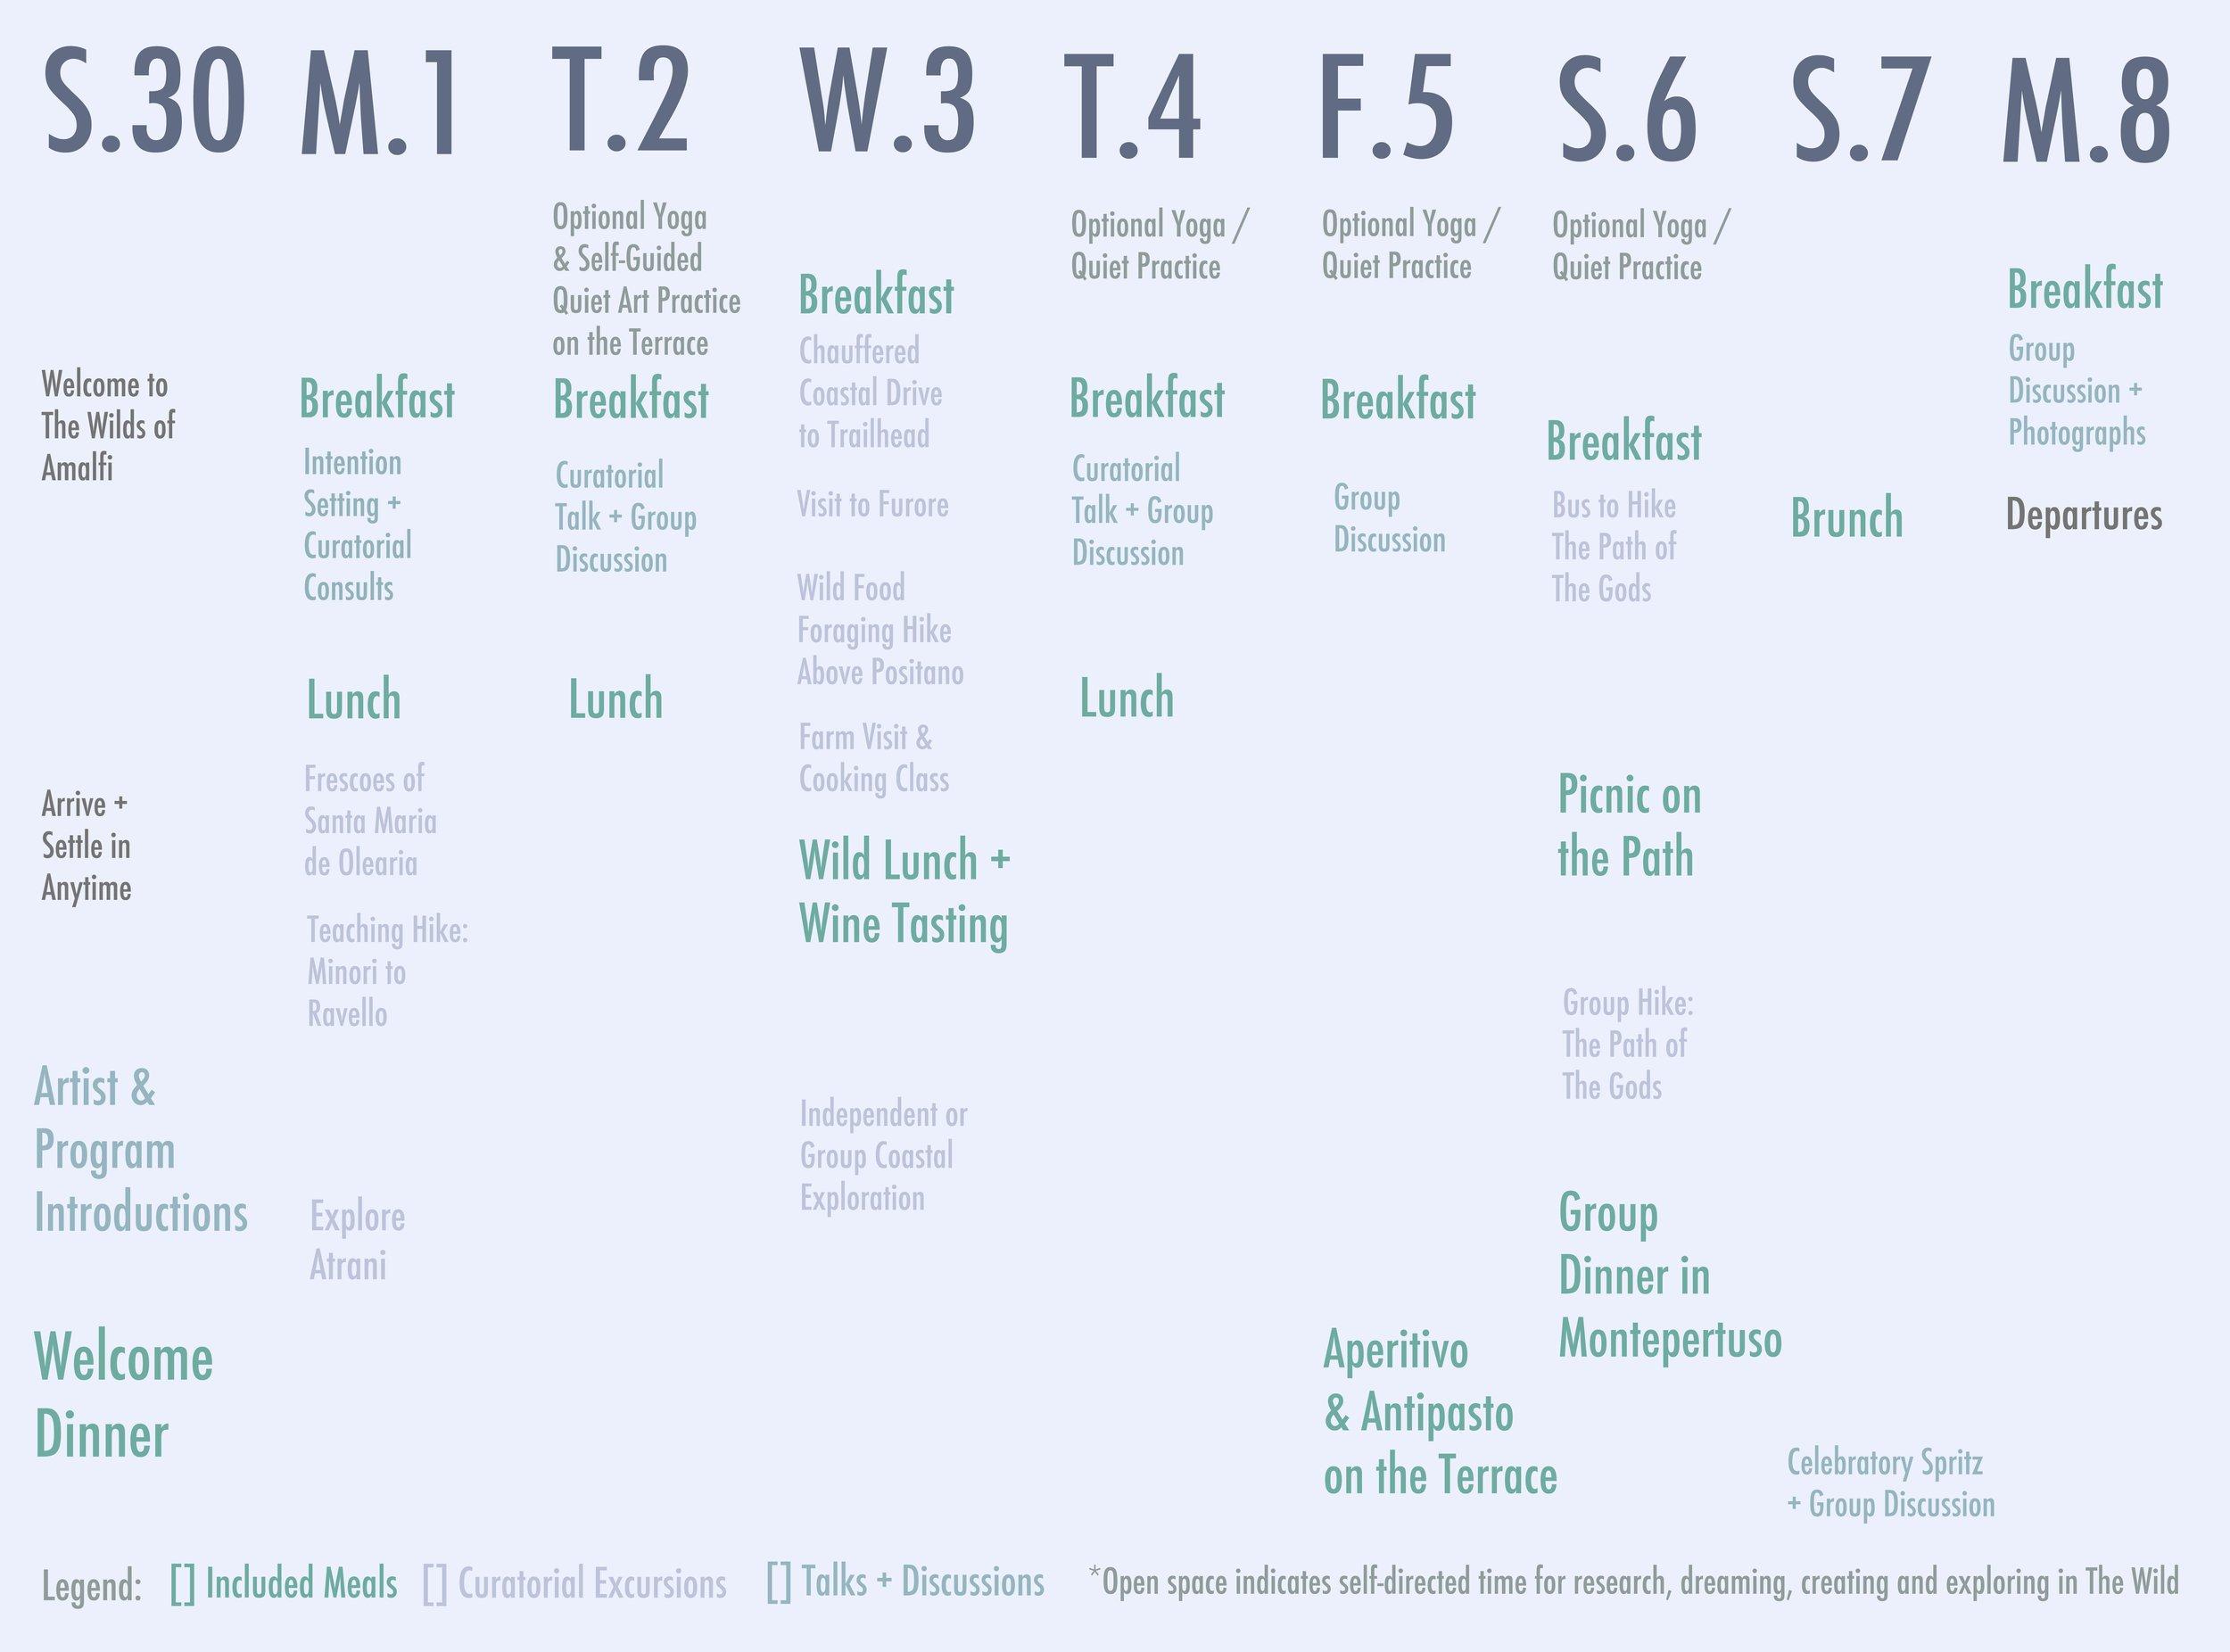 TheWIldsOfAmalfi.Wonder.Up.A.World.Schedule.jpg